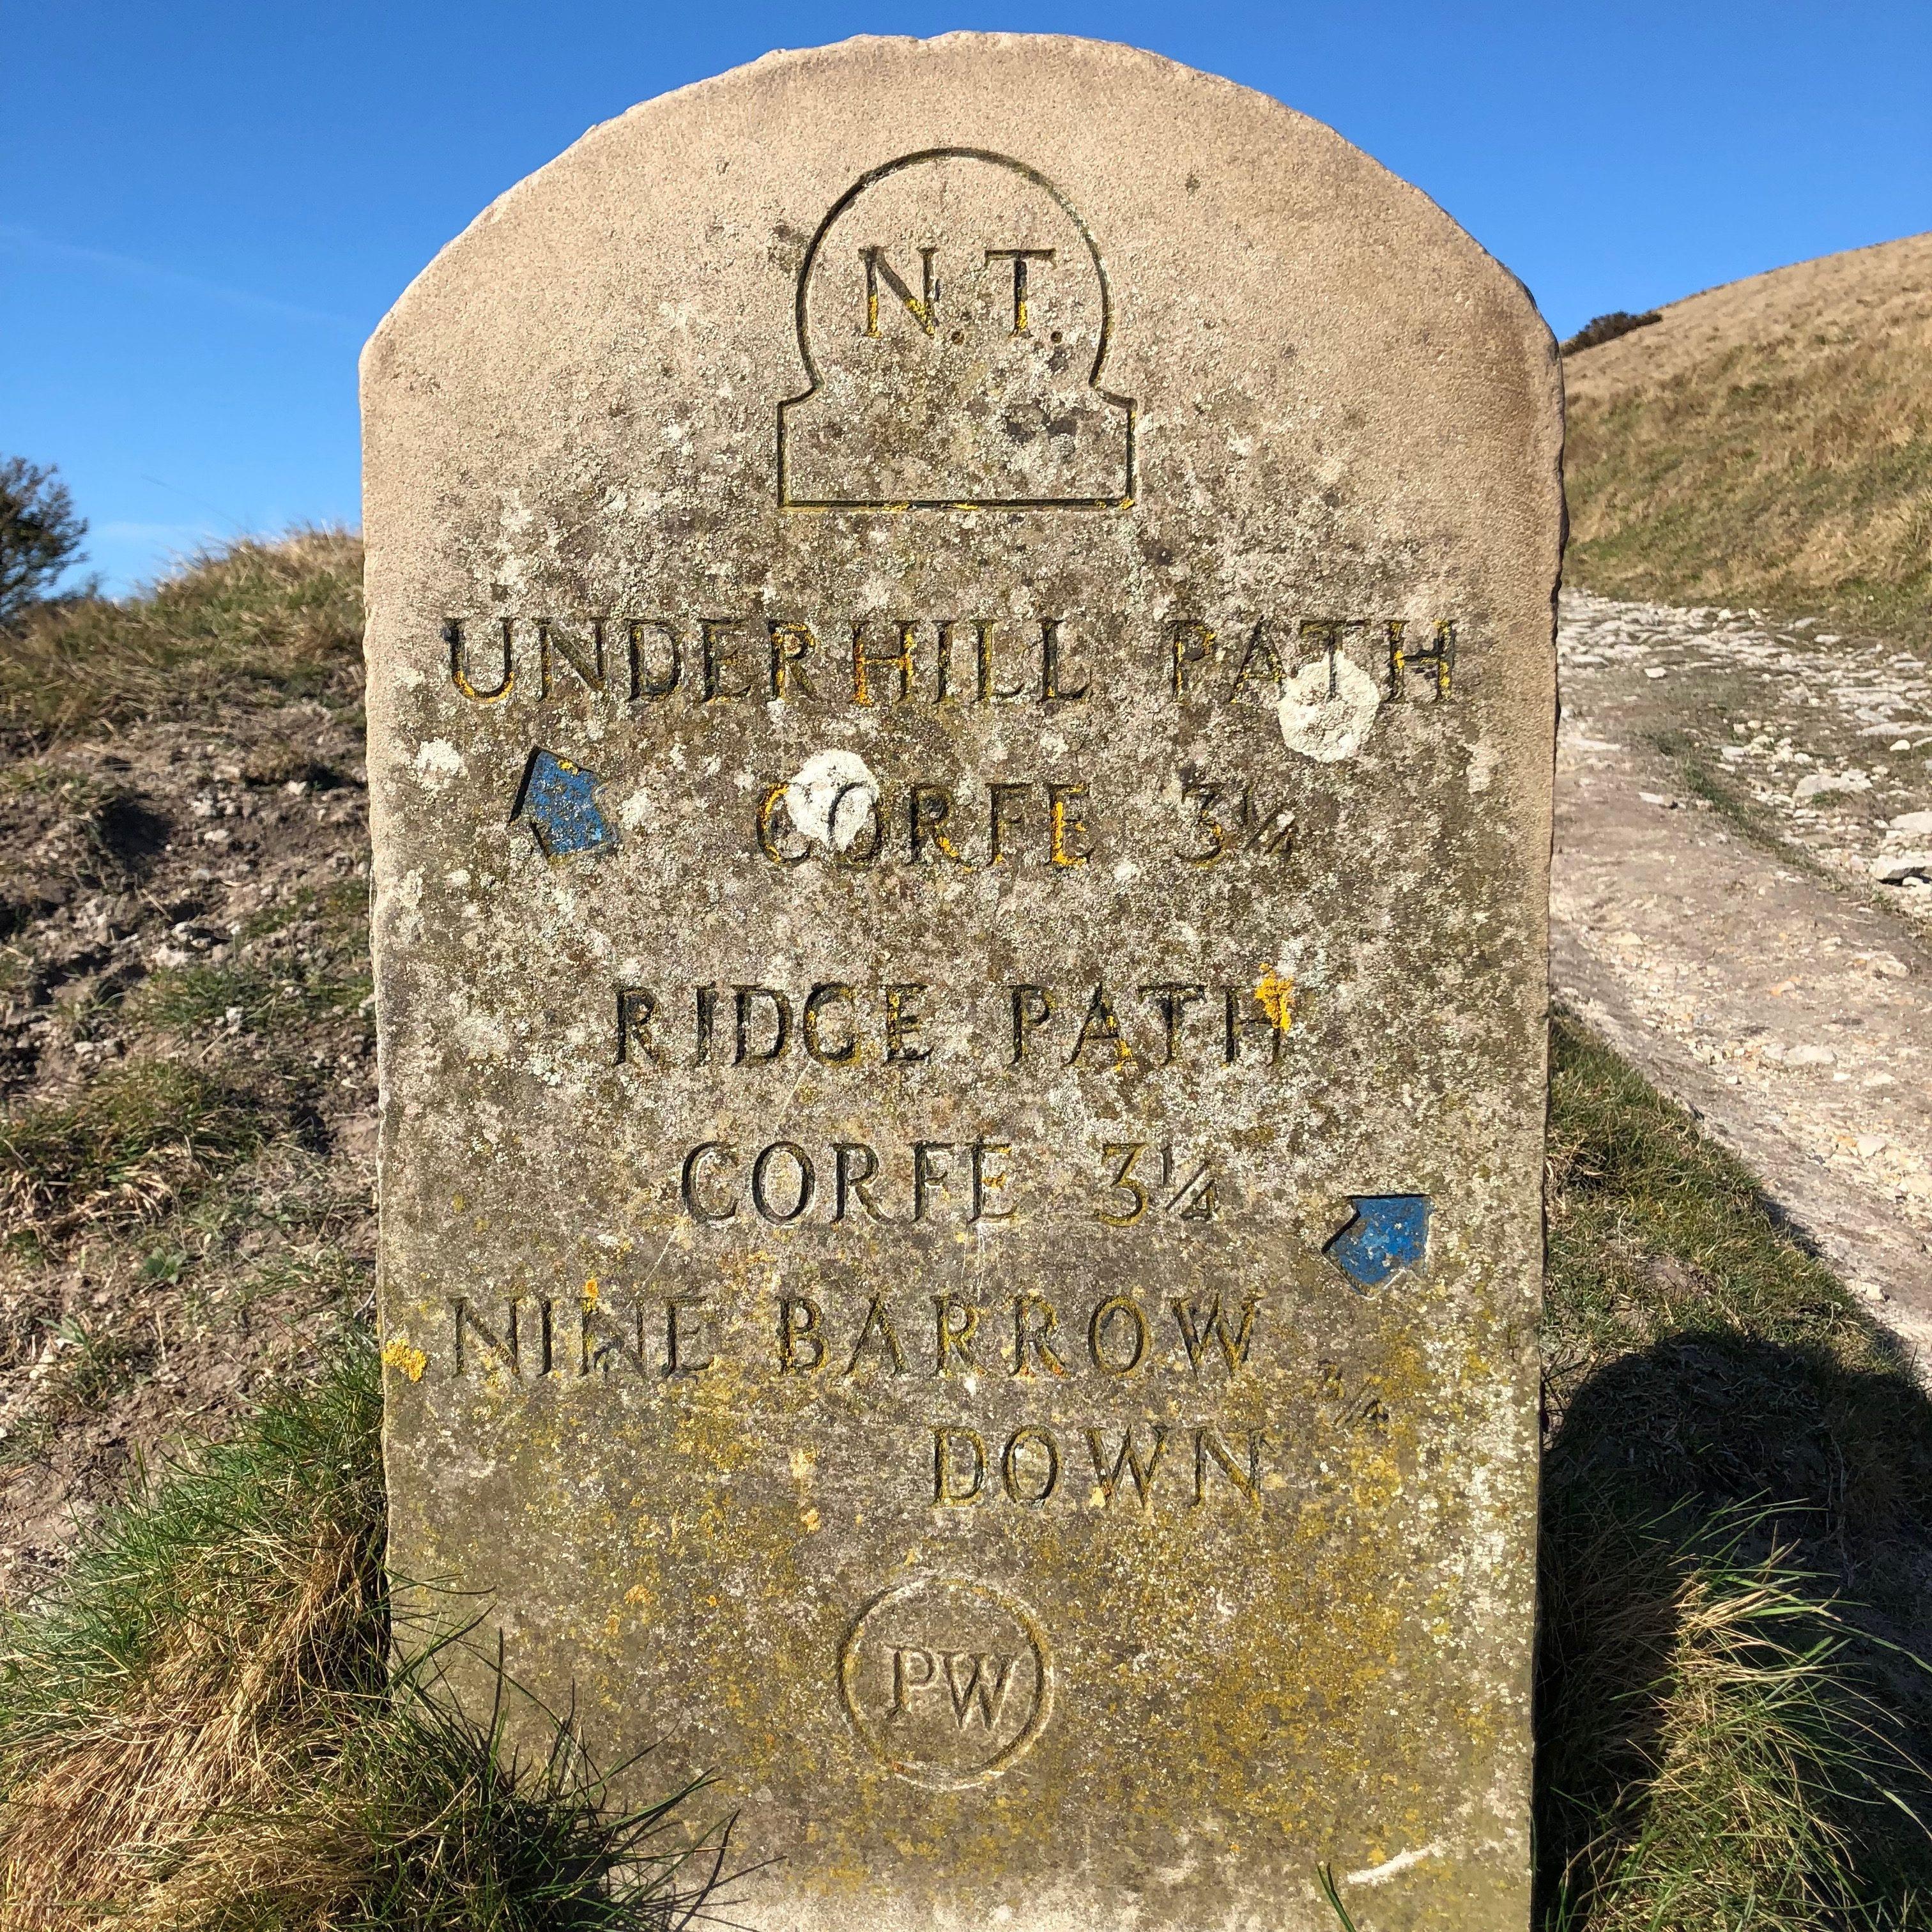 Nine Barrow Down sign post